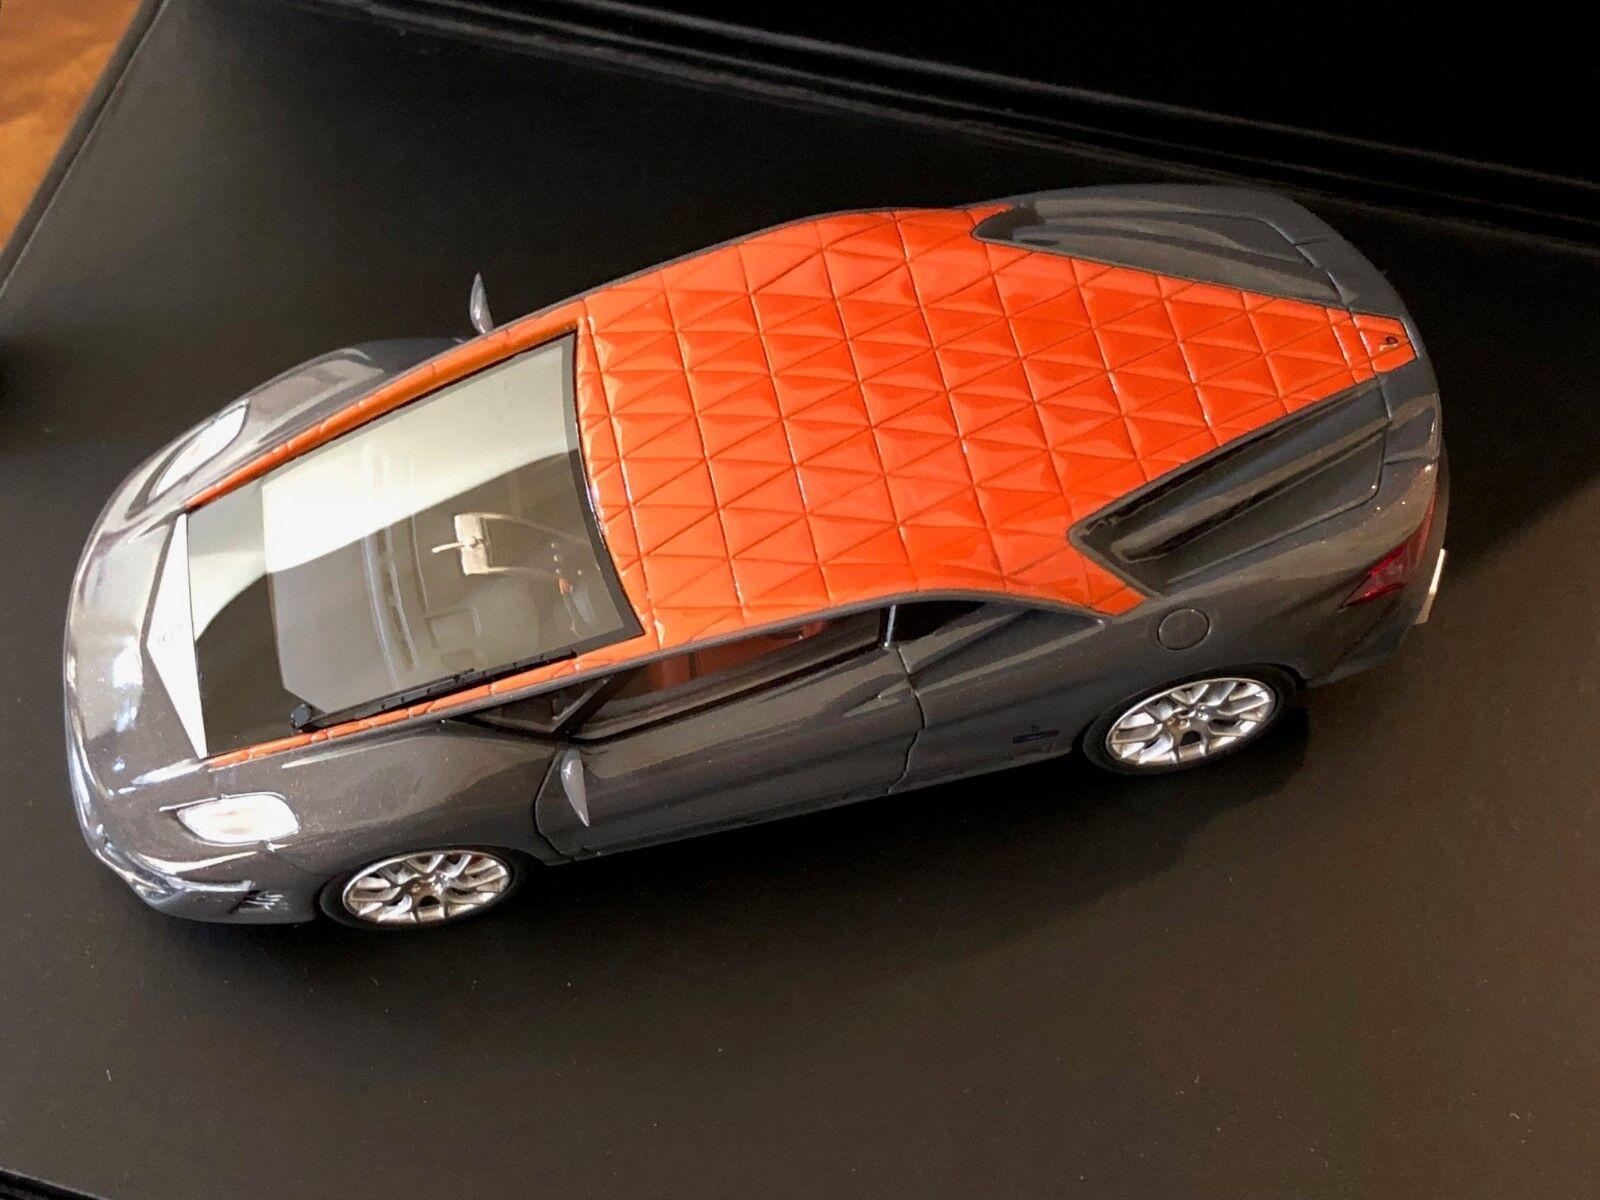 Bertone Collection 2012 Nuccio Concept Car Item BDM00002